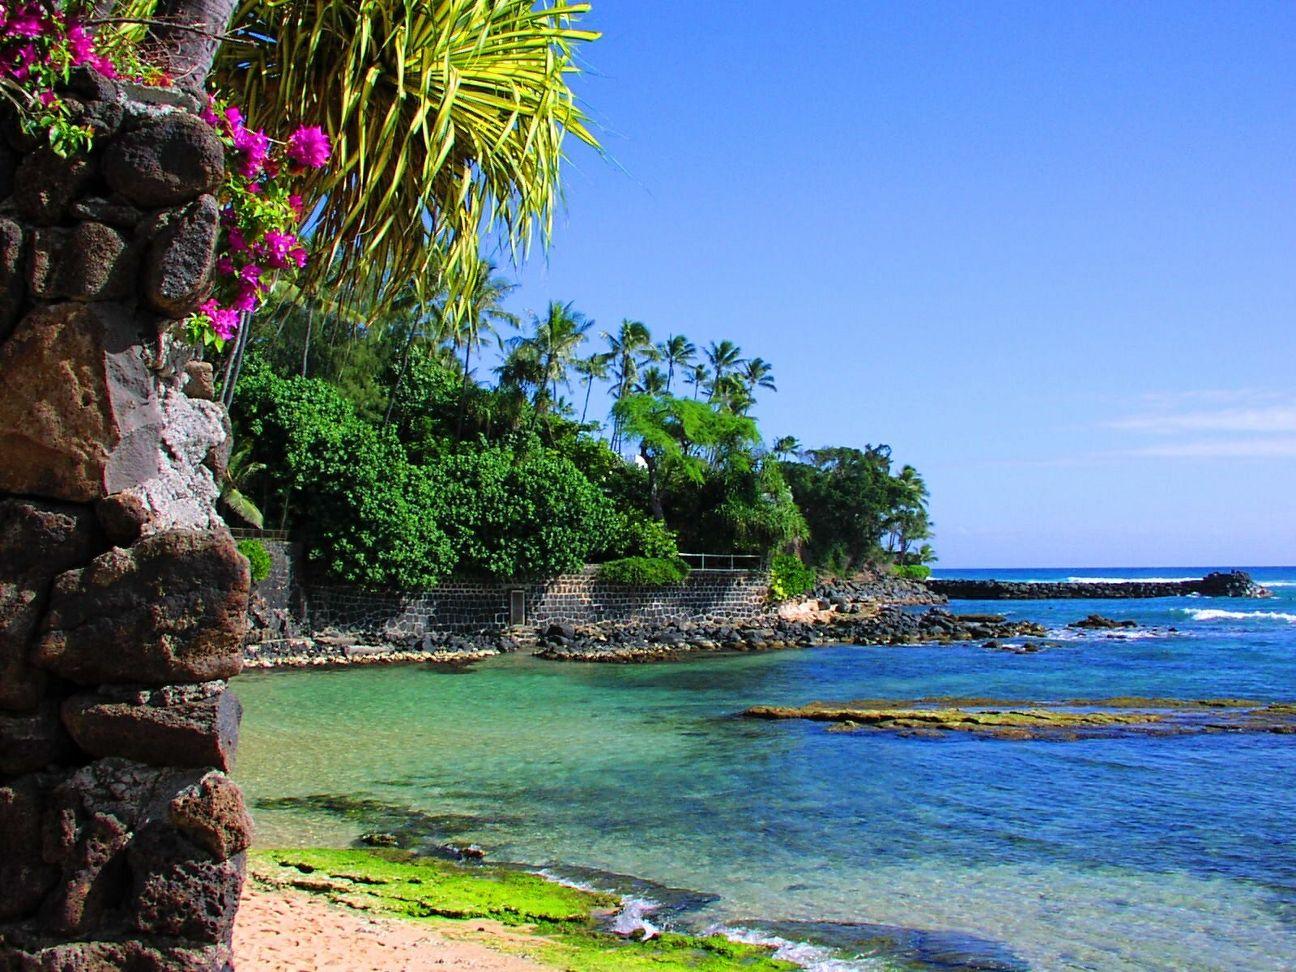 Hawaii #6